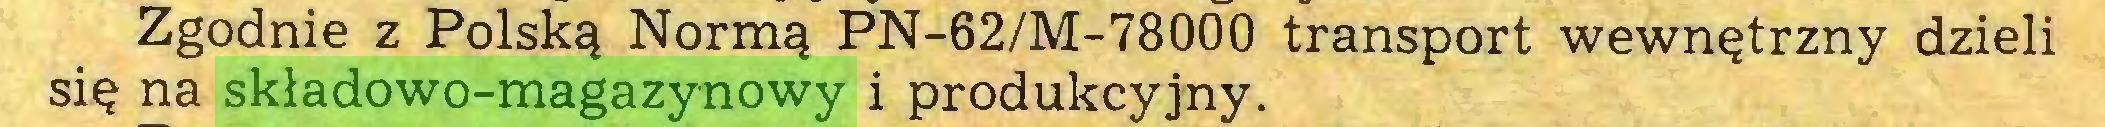 (...) Zgodnie z Polską Normą PN-62/M-78000 transport wewnętrzny dzieli się na składowo-magazynowy i produkcyjny...